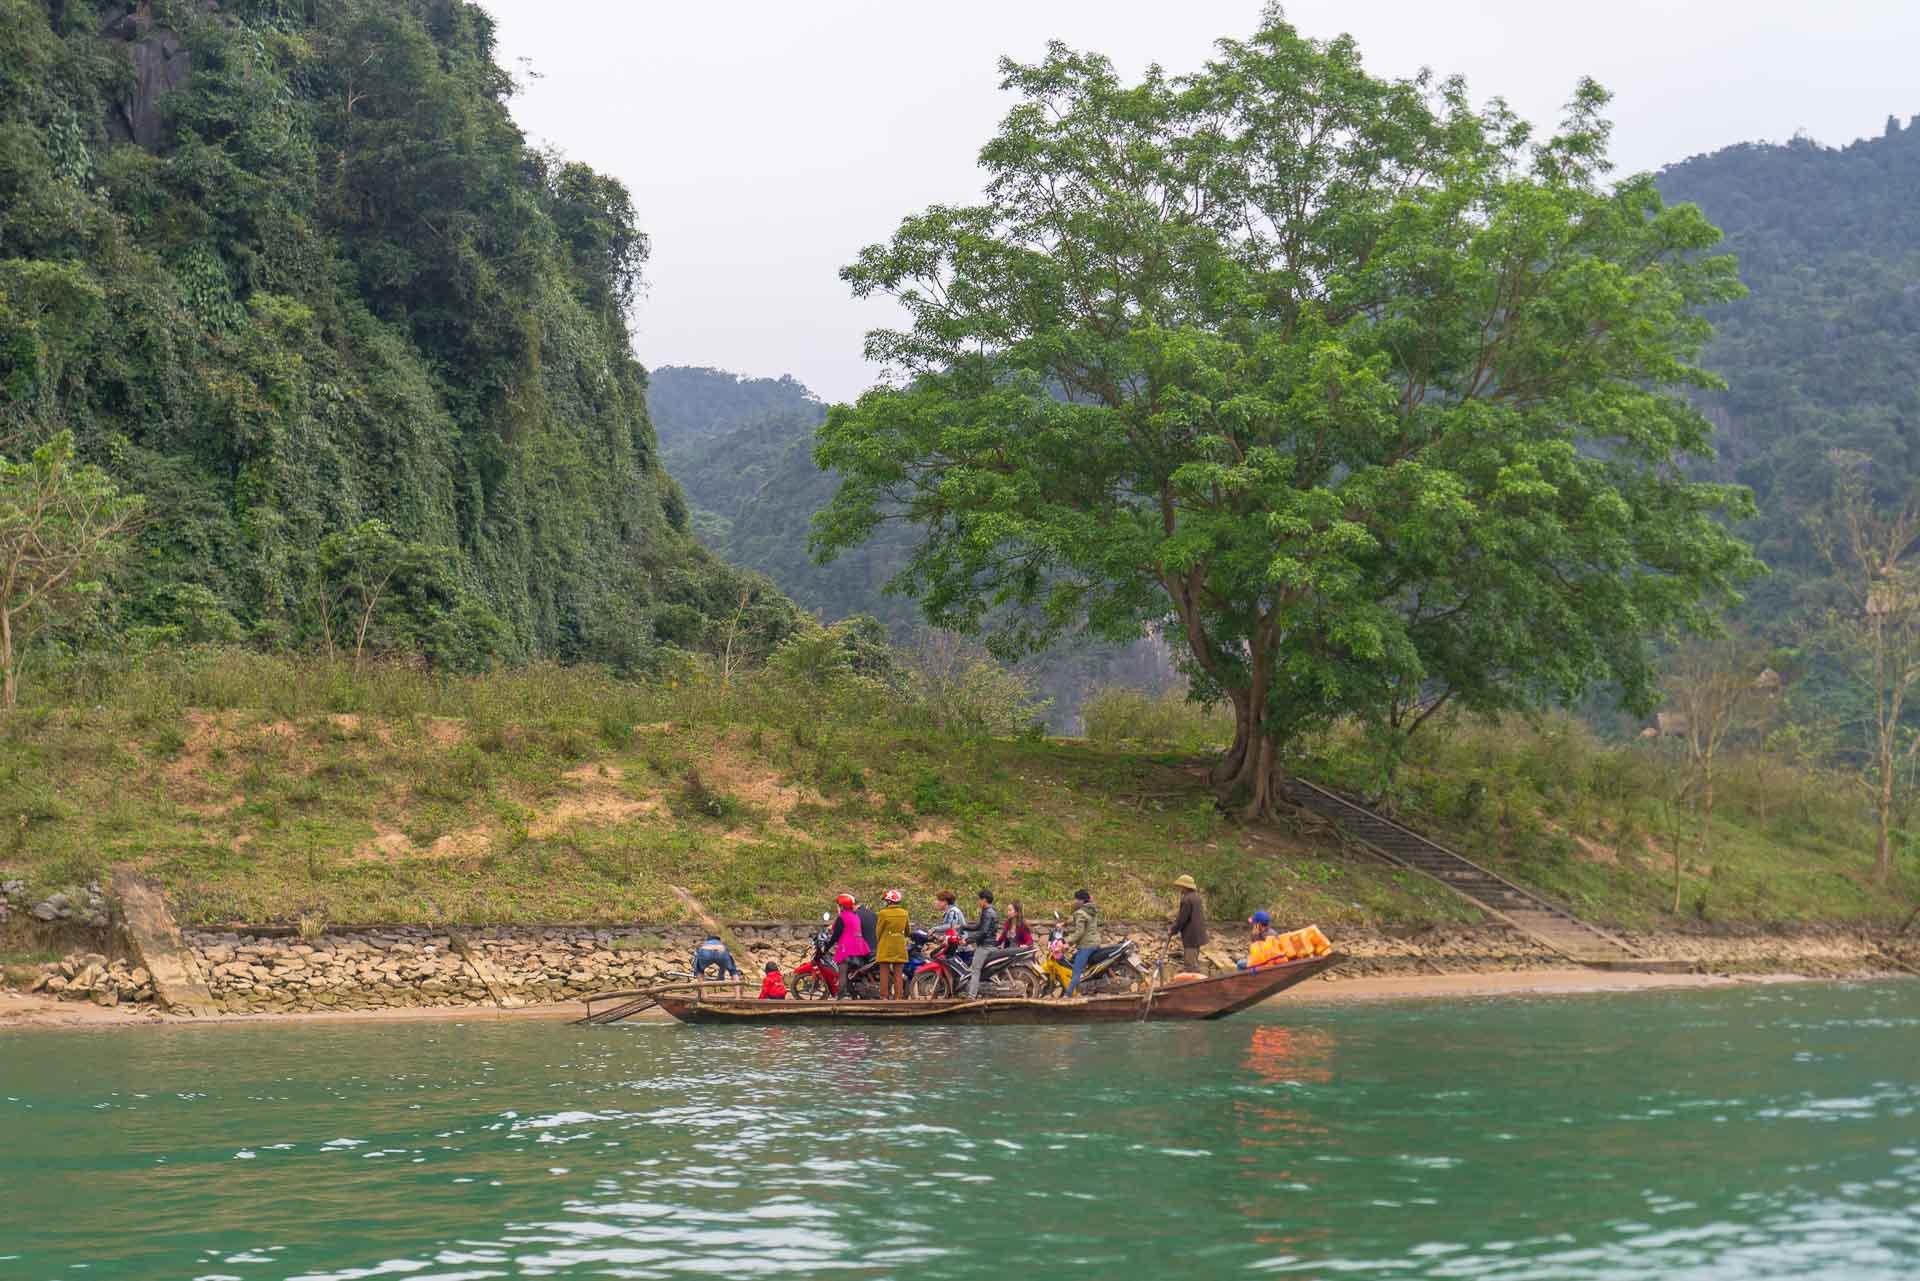 LesVoyageuses-Vietnam-Phong-Nha-Caves-Nature-44